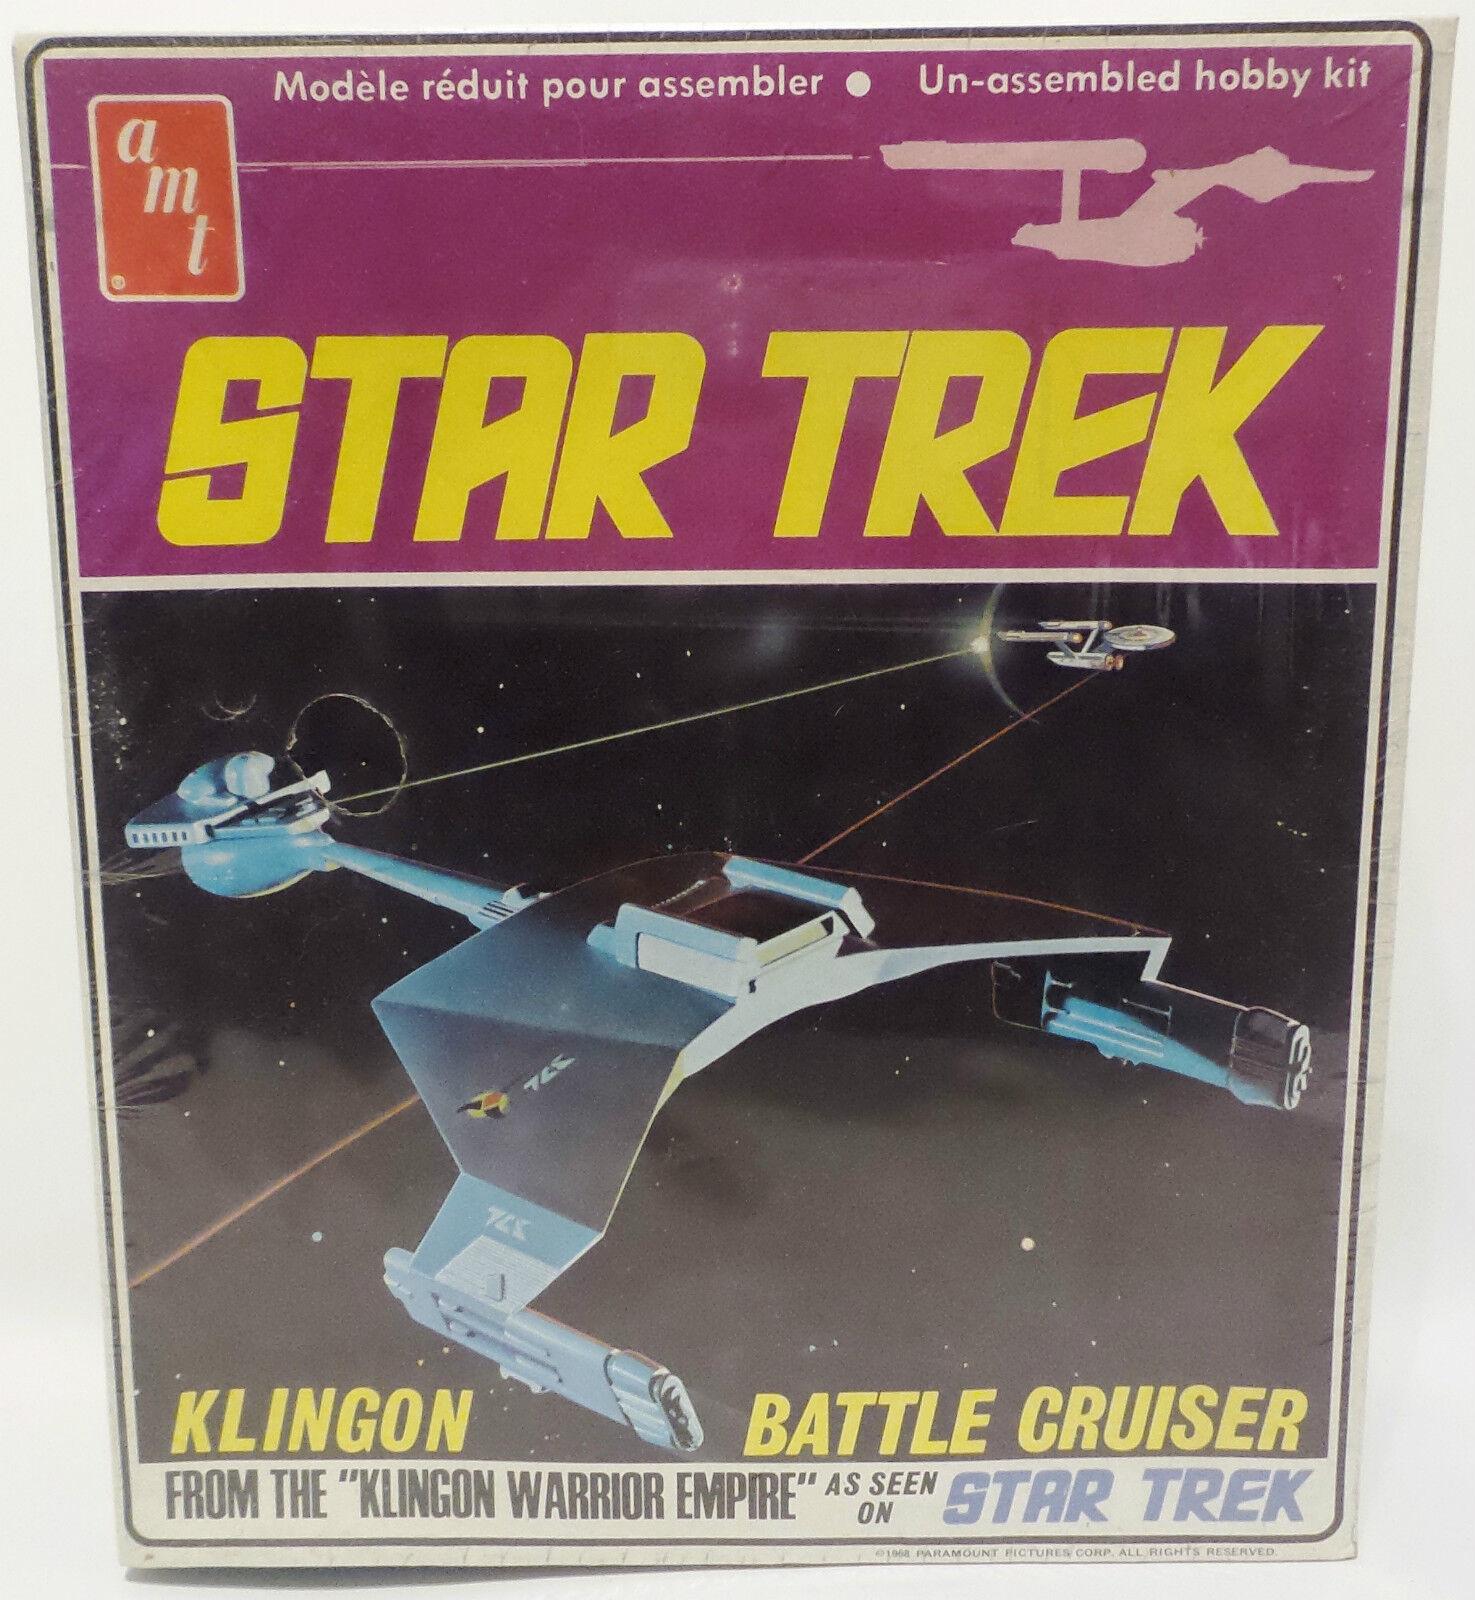 STAR TREK THE ORIGINAL SERIES   KLINGON BATTLE CRUISER AMT MODEL KIT (MLFP)